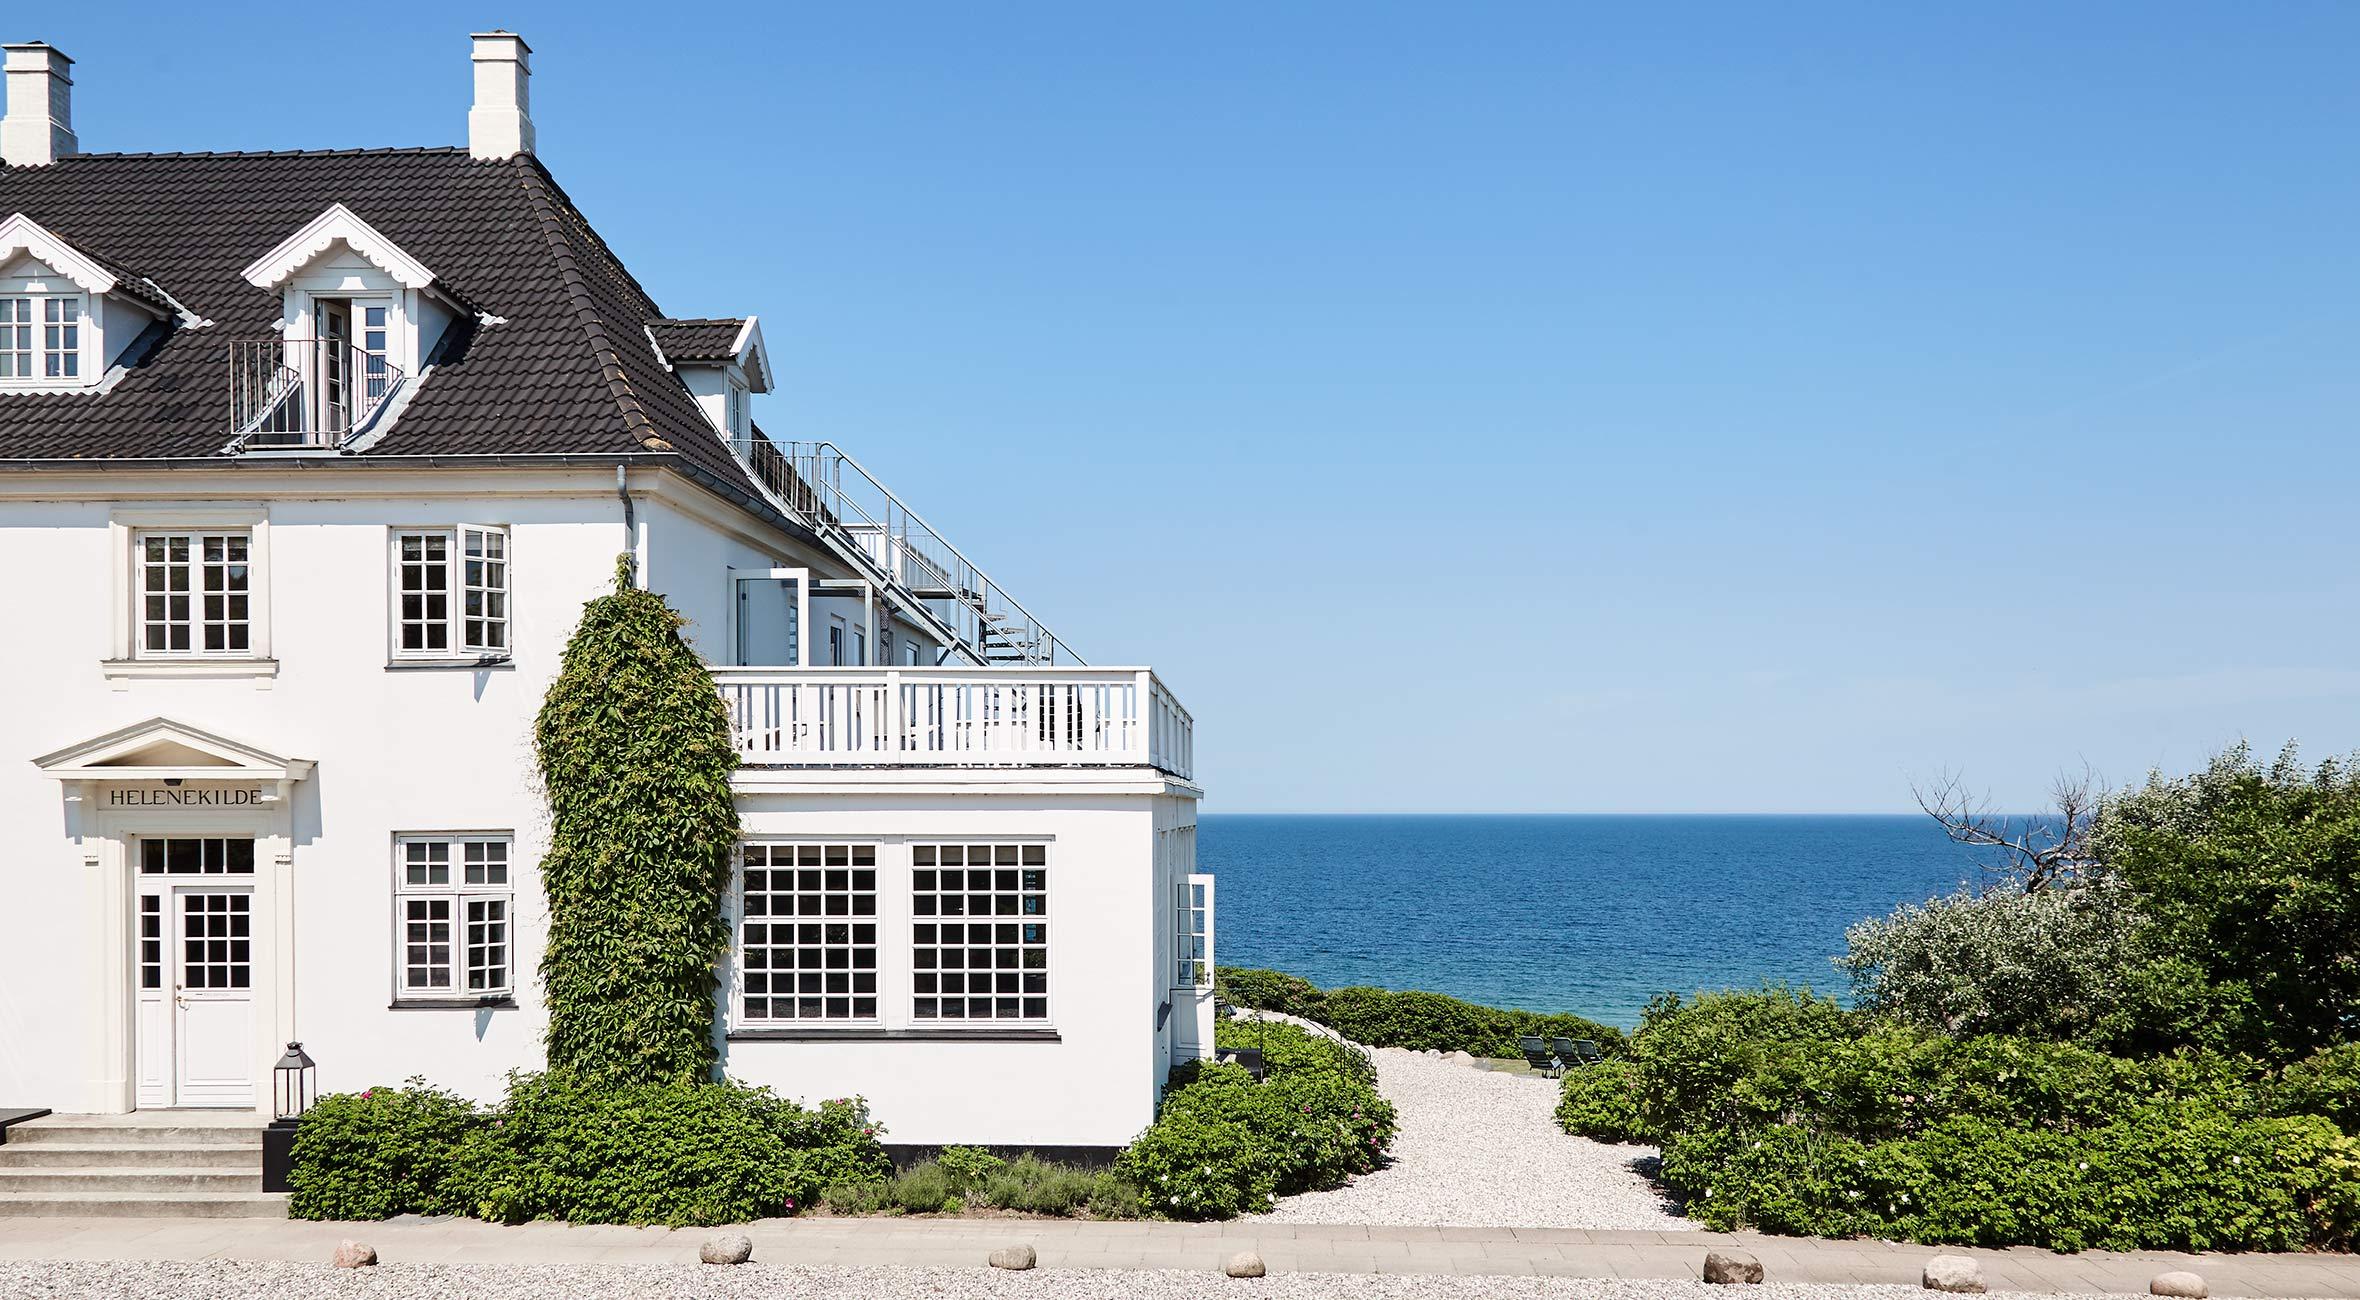 Ophold for 2 personer på Helenekilde Badehotel – Få værelse med havudsigt og balkon samt morgenmad, velkomst-champagne og snacks